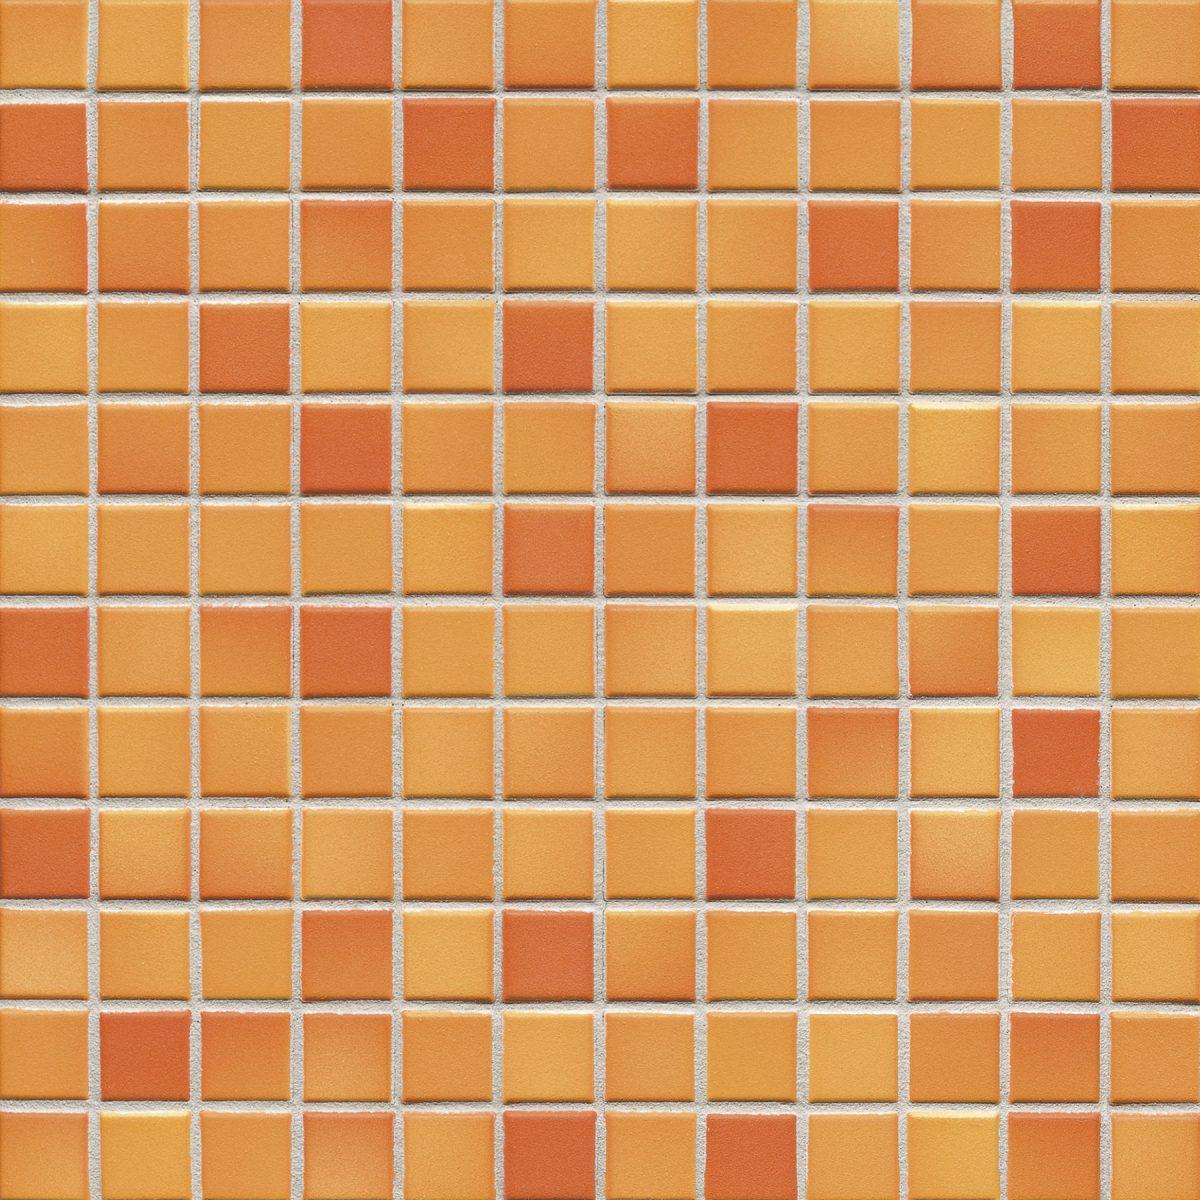 Мозаика серия Fresh 2,4 X 2,4 см Sunset Orange Mix Secura (противоскользящая R10/B)